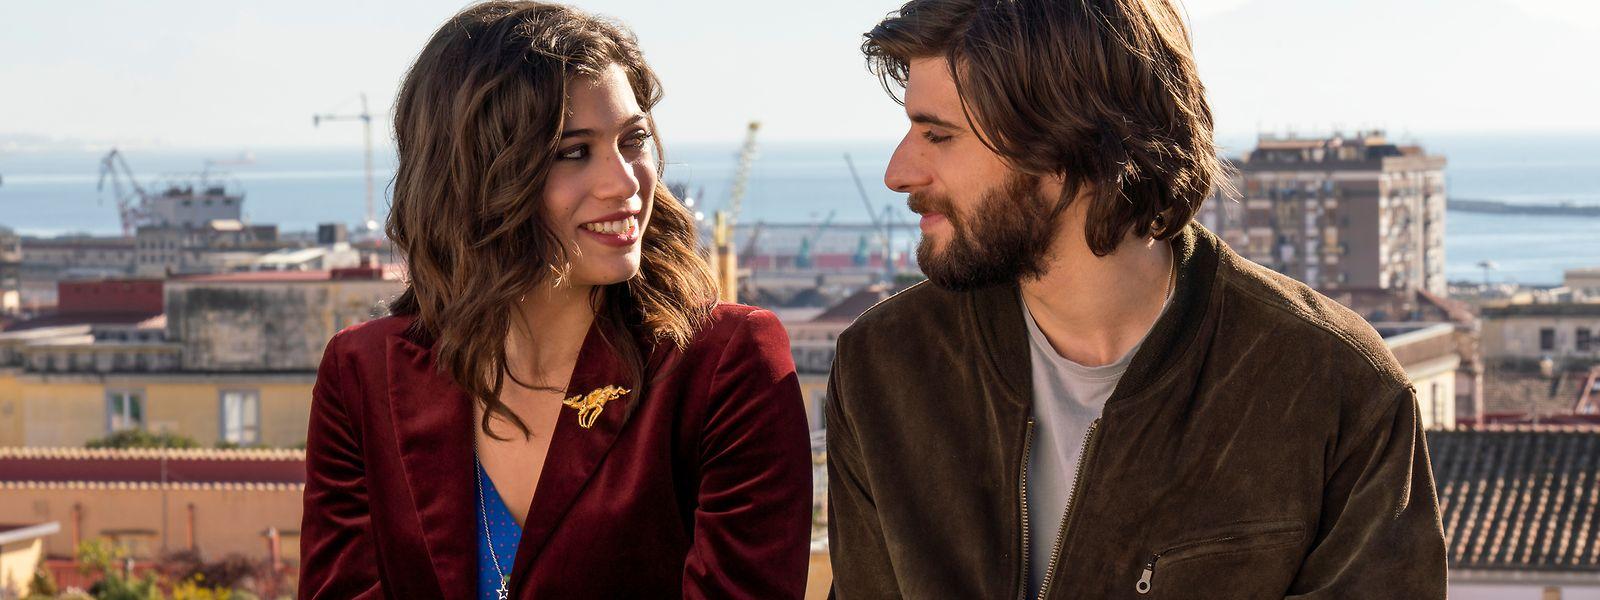 Kommen sich Matilda (Cristina Cappelli) und Daniel (Angelo Spagnoleti) auch als Erwachsene wieder näher? Die Beiden kennen sich seit ihrer Kindheit.